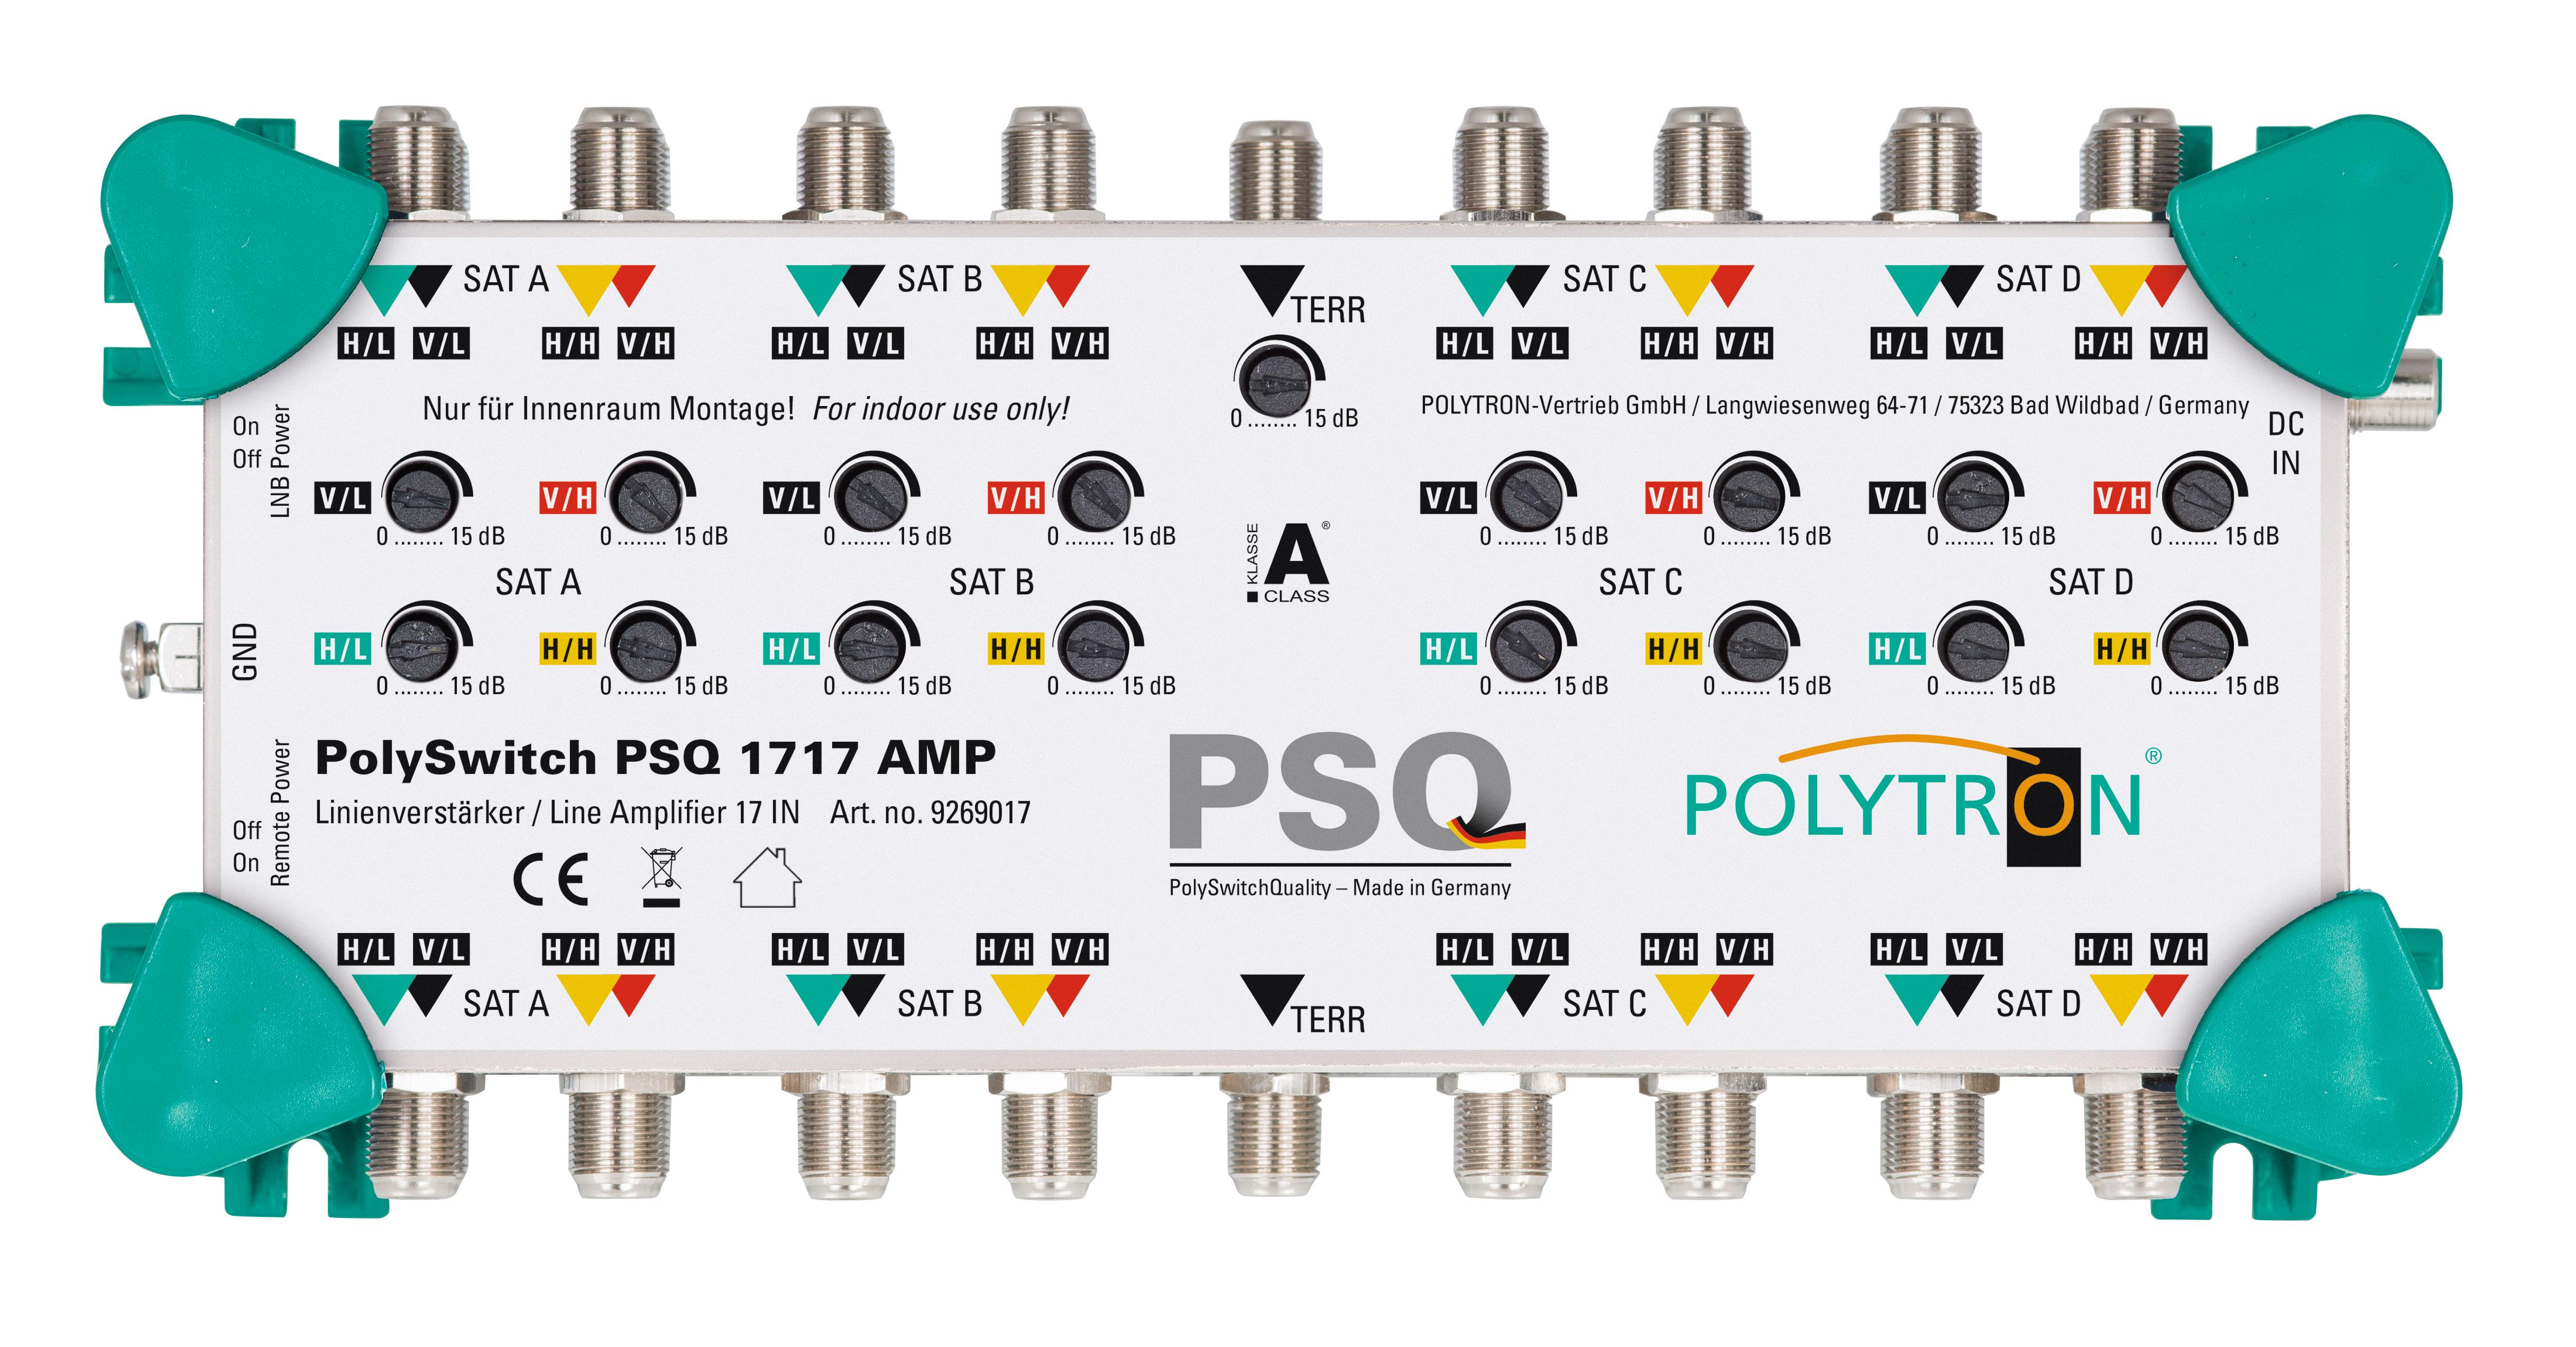 PSQ 1717AMP Ενισχυτής Γραμμής 16xSAT+TERR, SAT 20-24dB POLYTRON